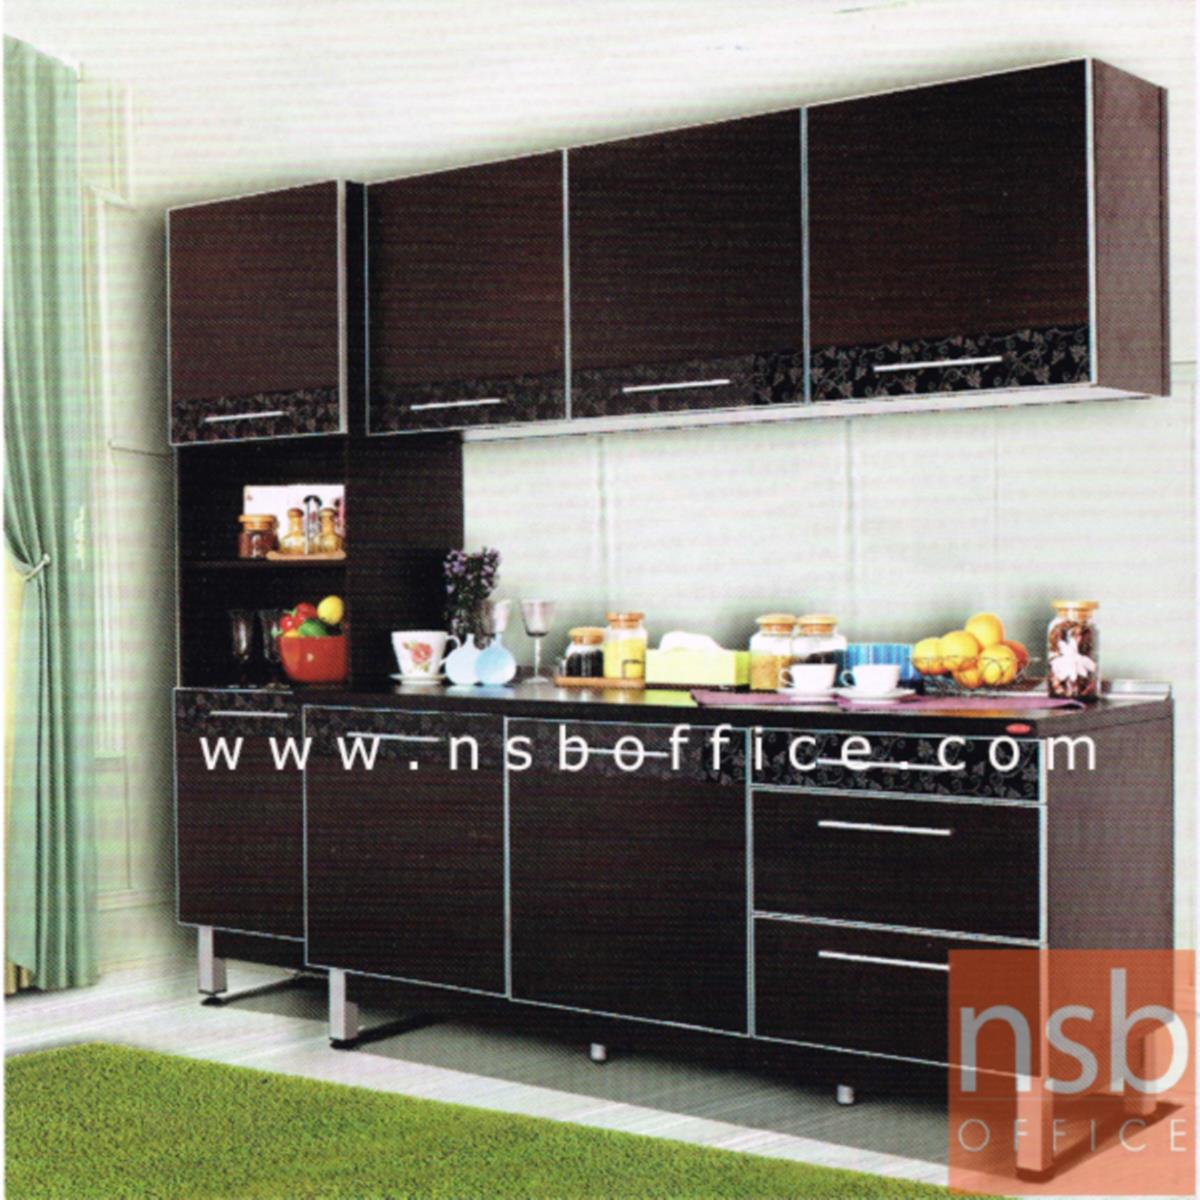 ตู้เคาน์เตอร์ กว้าง 180 ซม. TOP เมลามีนสีดำล้วน รุ่น Rebar (รีบาร์)